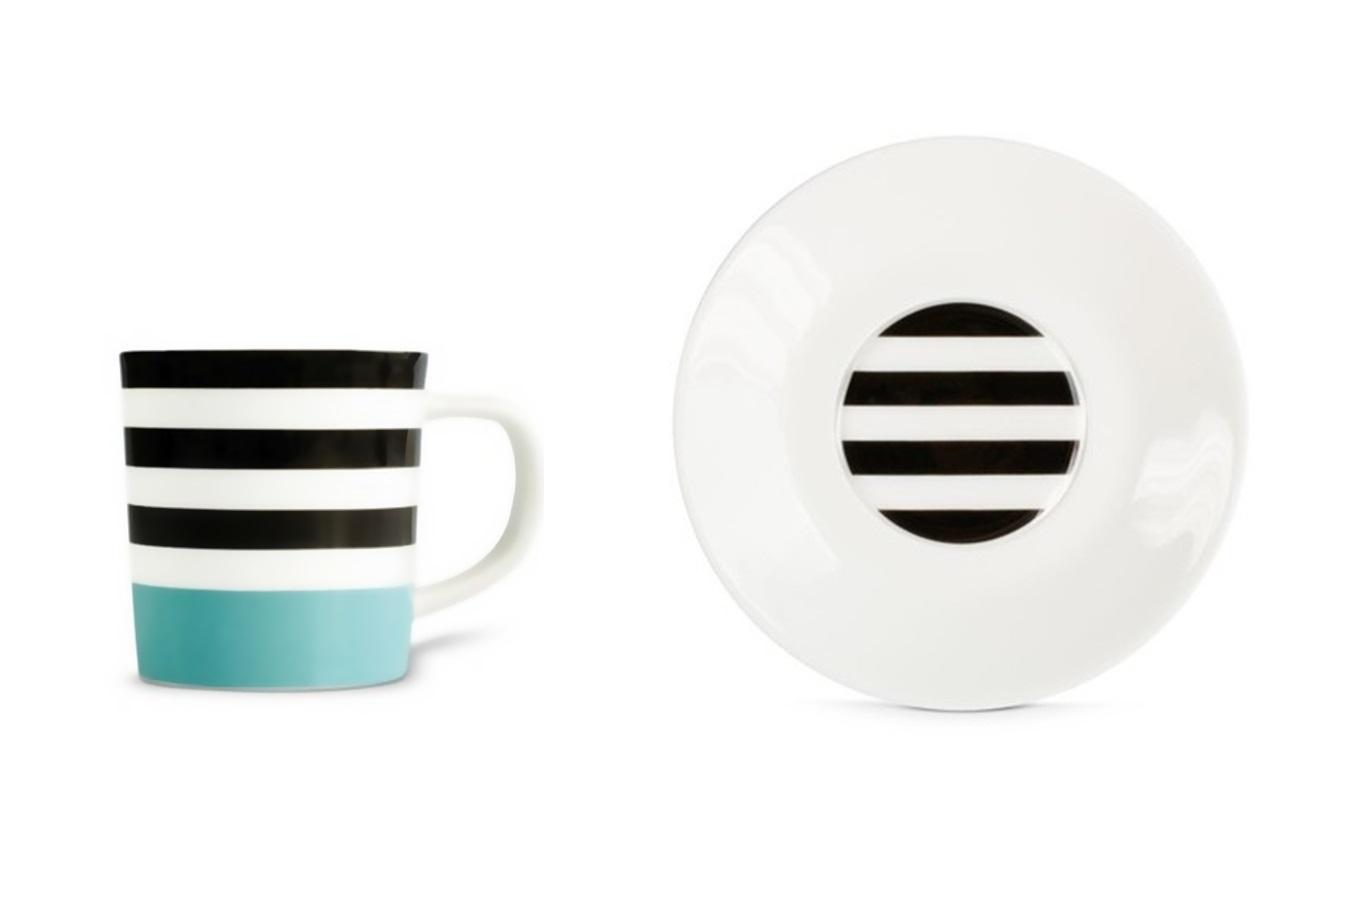 Чашка для эспрессо с блюдцем Black linesЧайные пары, чашки и кружки<br>Набор из чашки для эспрессо с блюдцем в подарочной коробке. Элегантная форма и яркие цвета добавят хорошего настроения всем любителям кофе. Отличный подарок для себя или знакомых.&amp;amp;nbsp;&amp;lt;div&amp;gt;&amp;lt;br&amp;gt;&amp;lt;/div&amp;gt;&amp;lt;div&amp;gt;Объём 75 мл.&amp;lt;/div&amp;gt;<br><br>Material: Фарфор<br>Высота см: 9